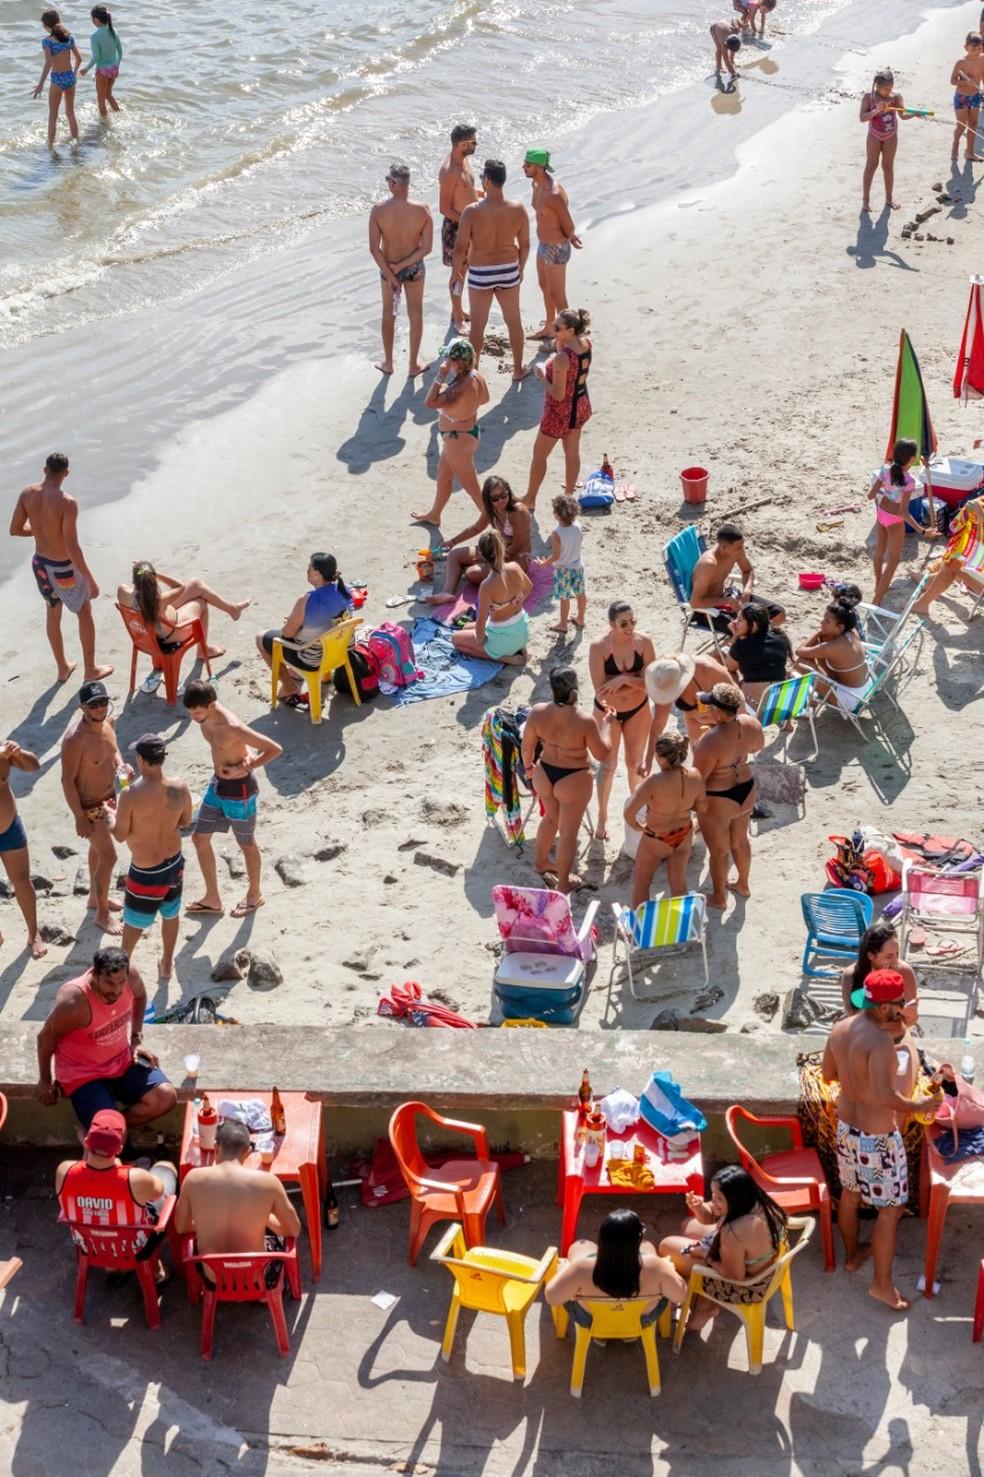 Banhistas desrespeitam decreto e não utilizam máscara na praia — Foto: Leandro Ordonez/ Arquivo Pessoal